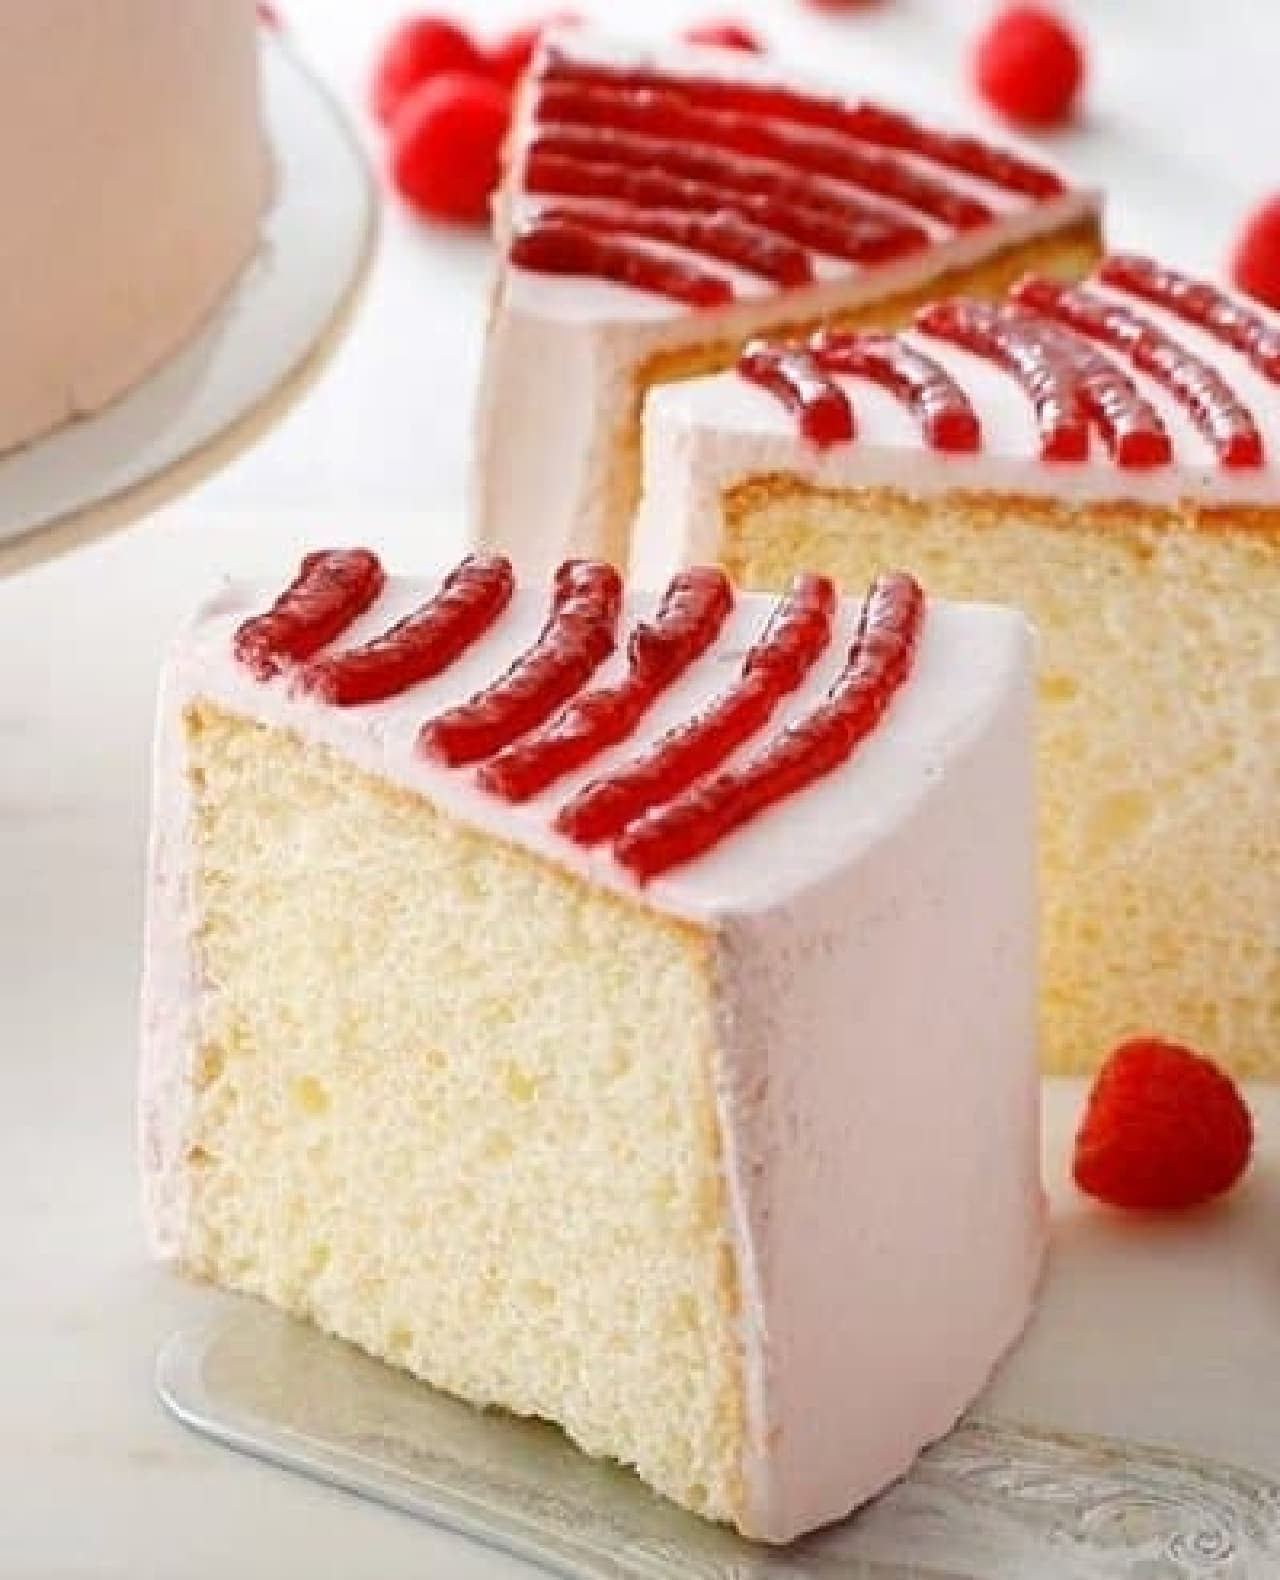 スターバックス「ラズベリーシフォンケーキ」